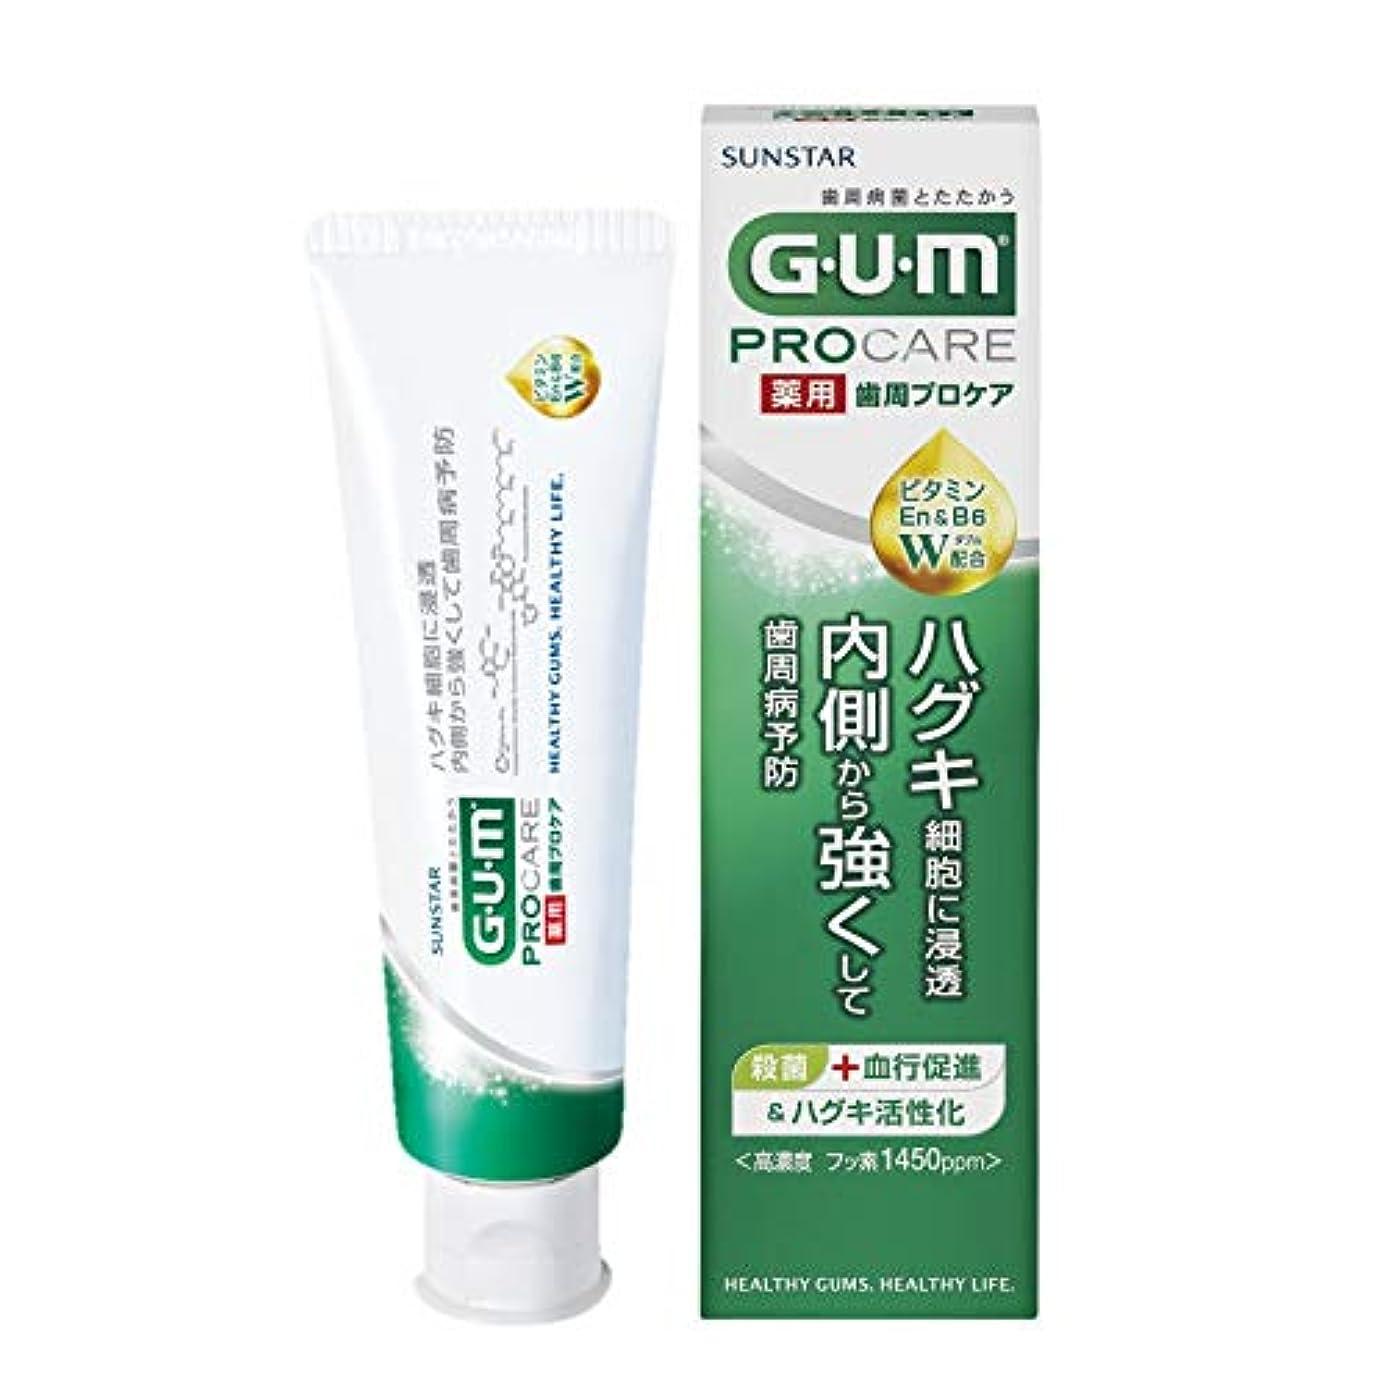 普及のぞき穴ほうき[医薬部外品] GUM(ガム) 歯周プロケア 歯みがき 90g <歯周病予防 ハグキケア 高濃度フッ素配合 1,450ppm>